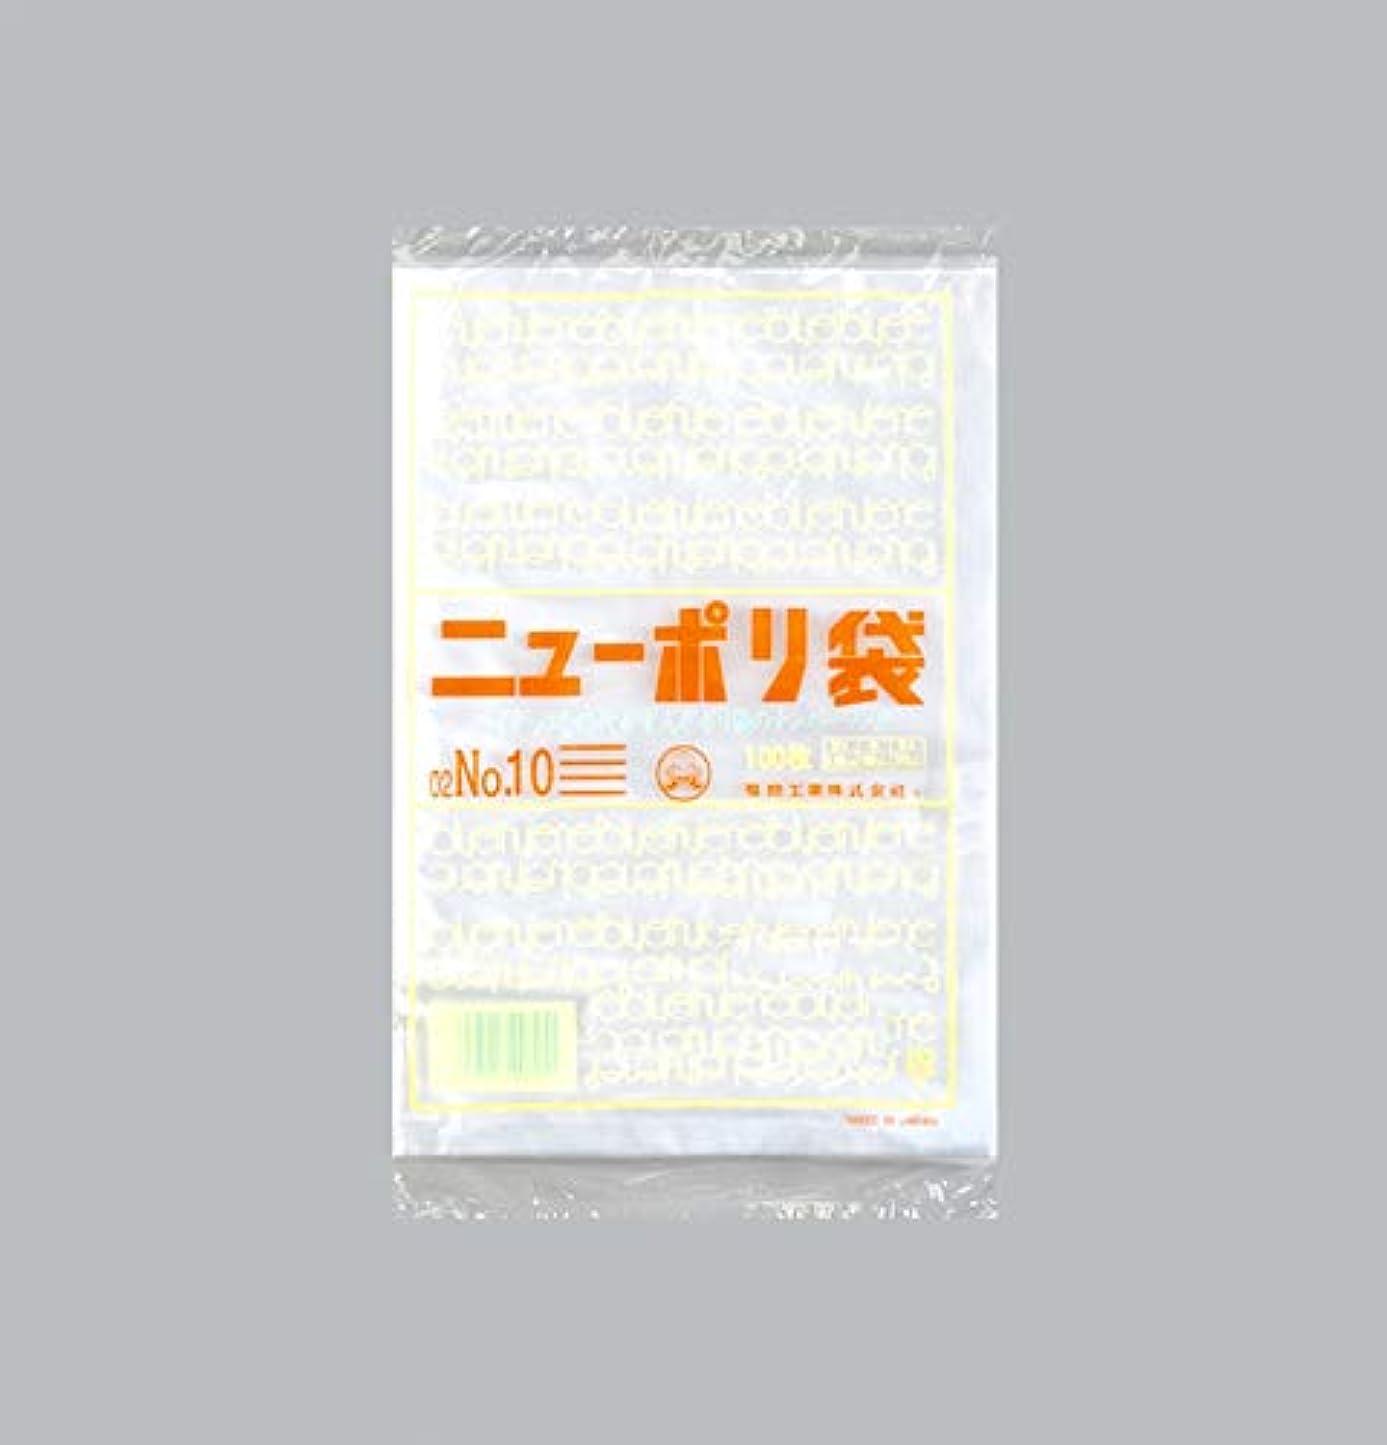 くるみリマ悔い改め福助工業株式会社 ニューポリ袋 02 No.10 (1ケース:10000枚)